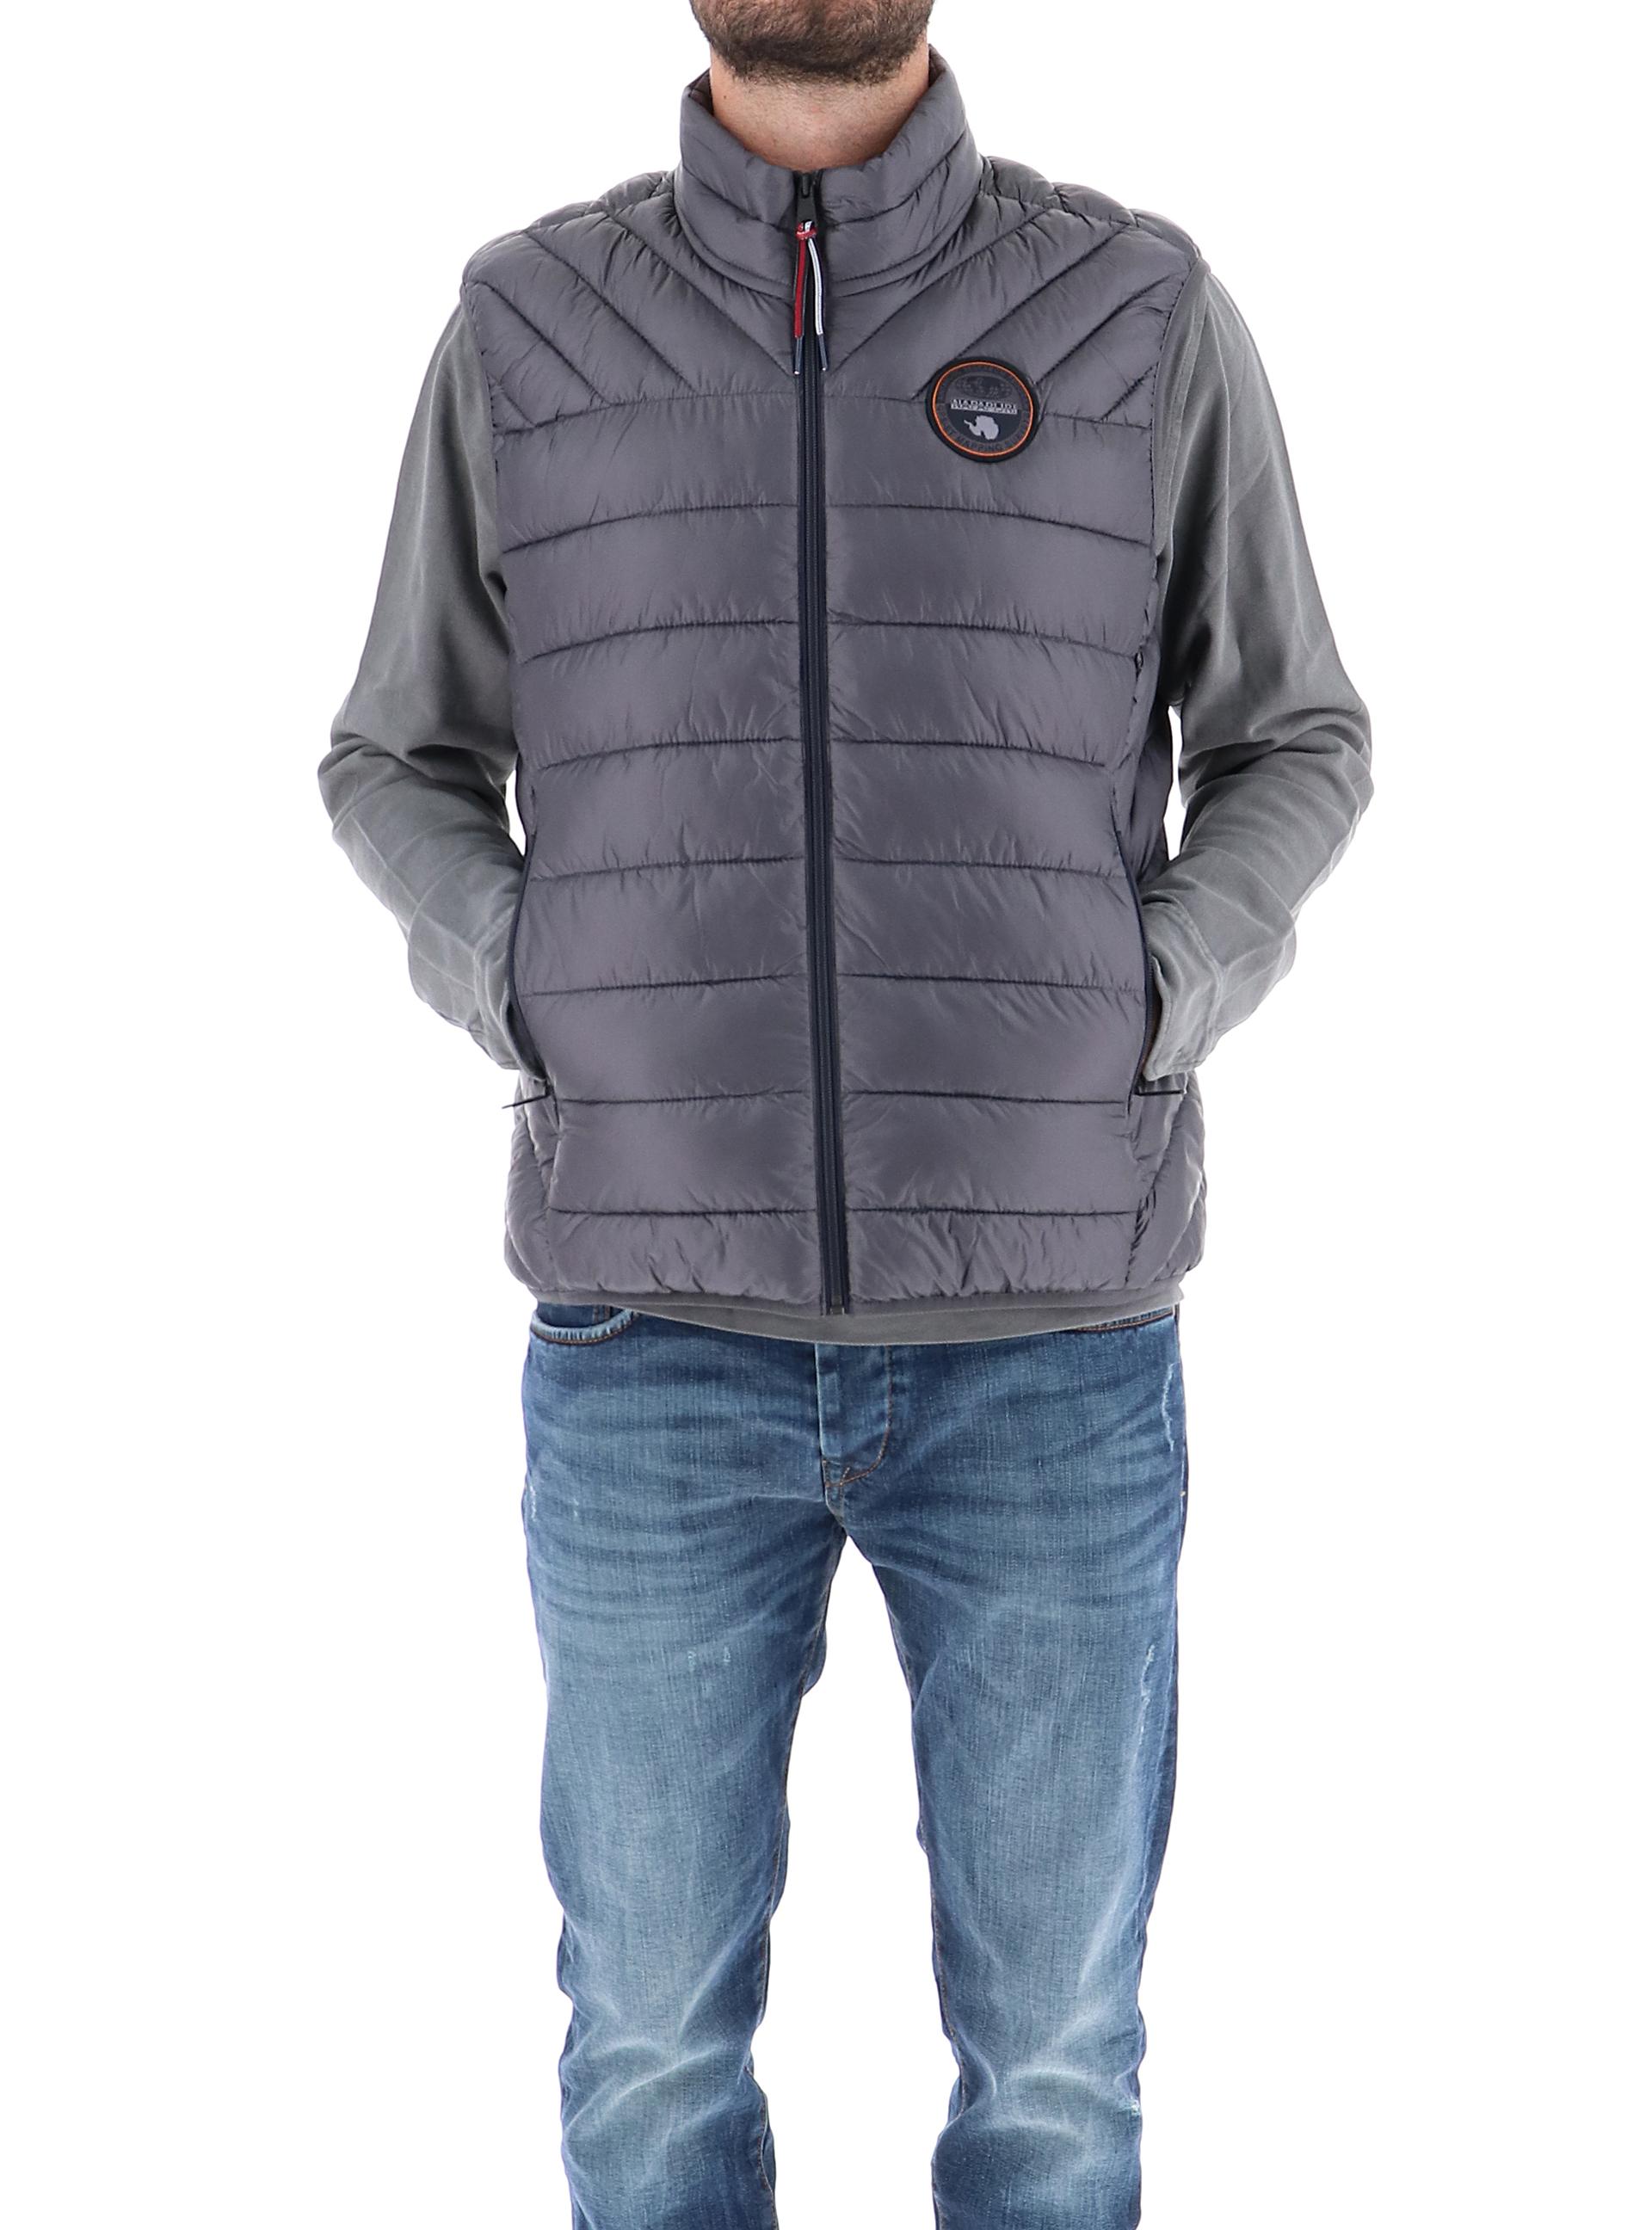 grigio Sorelle giubbini uomo giacche scuro aerons 10 e Napapijri 7nExwXY8qI 472319fc27f